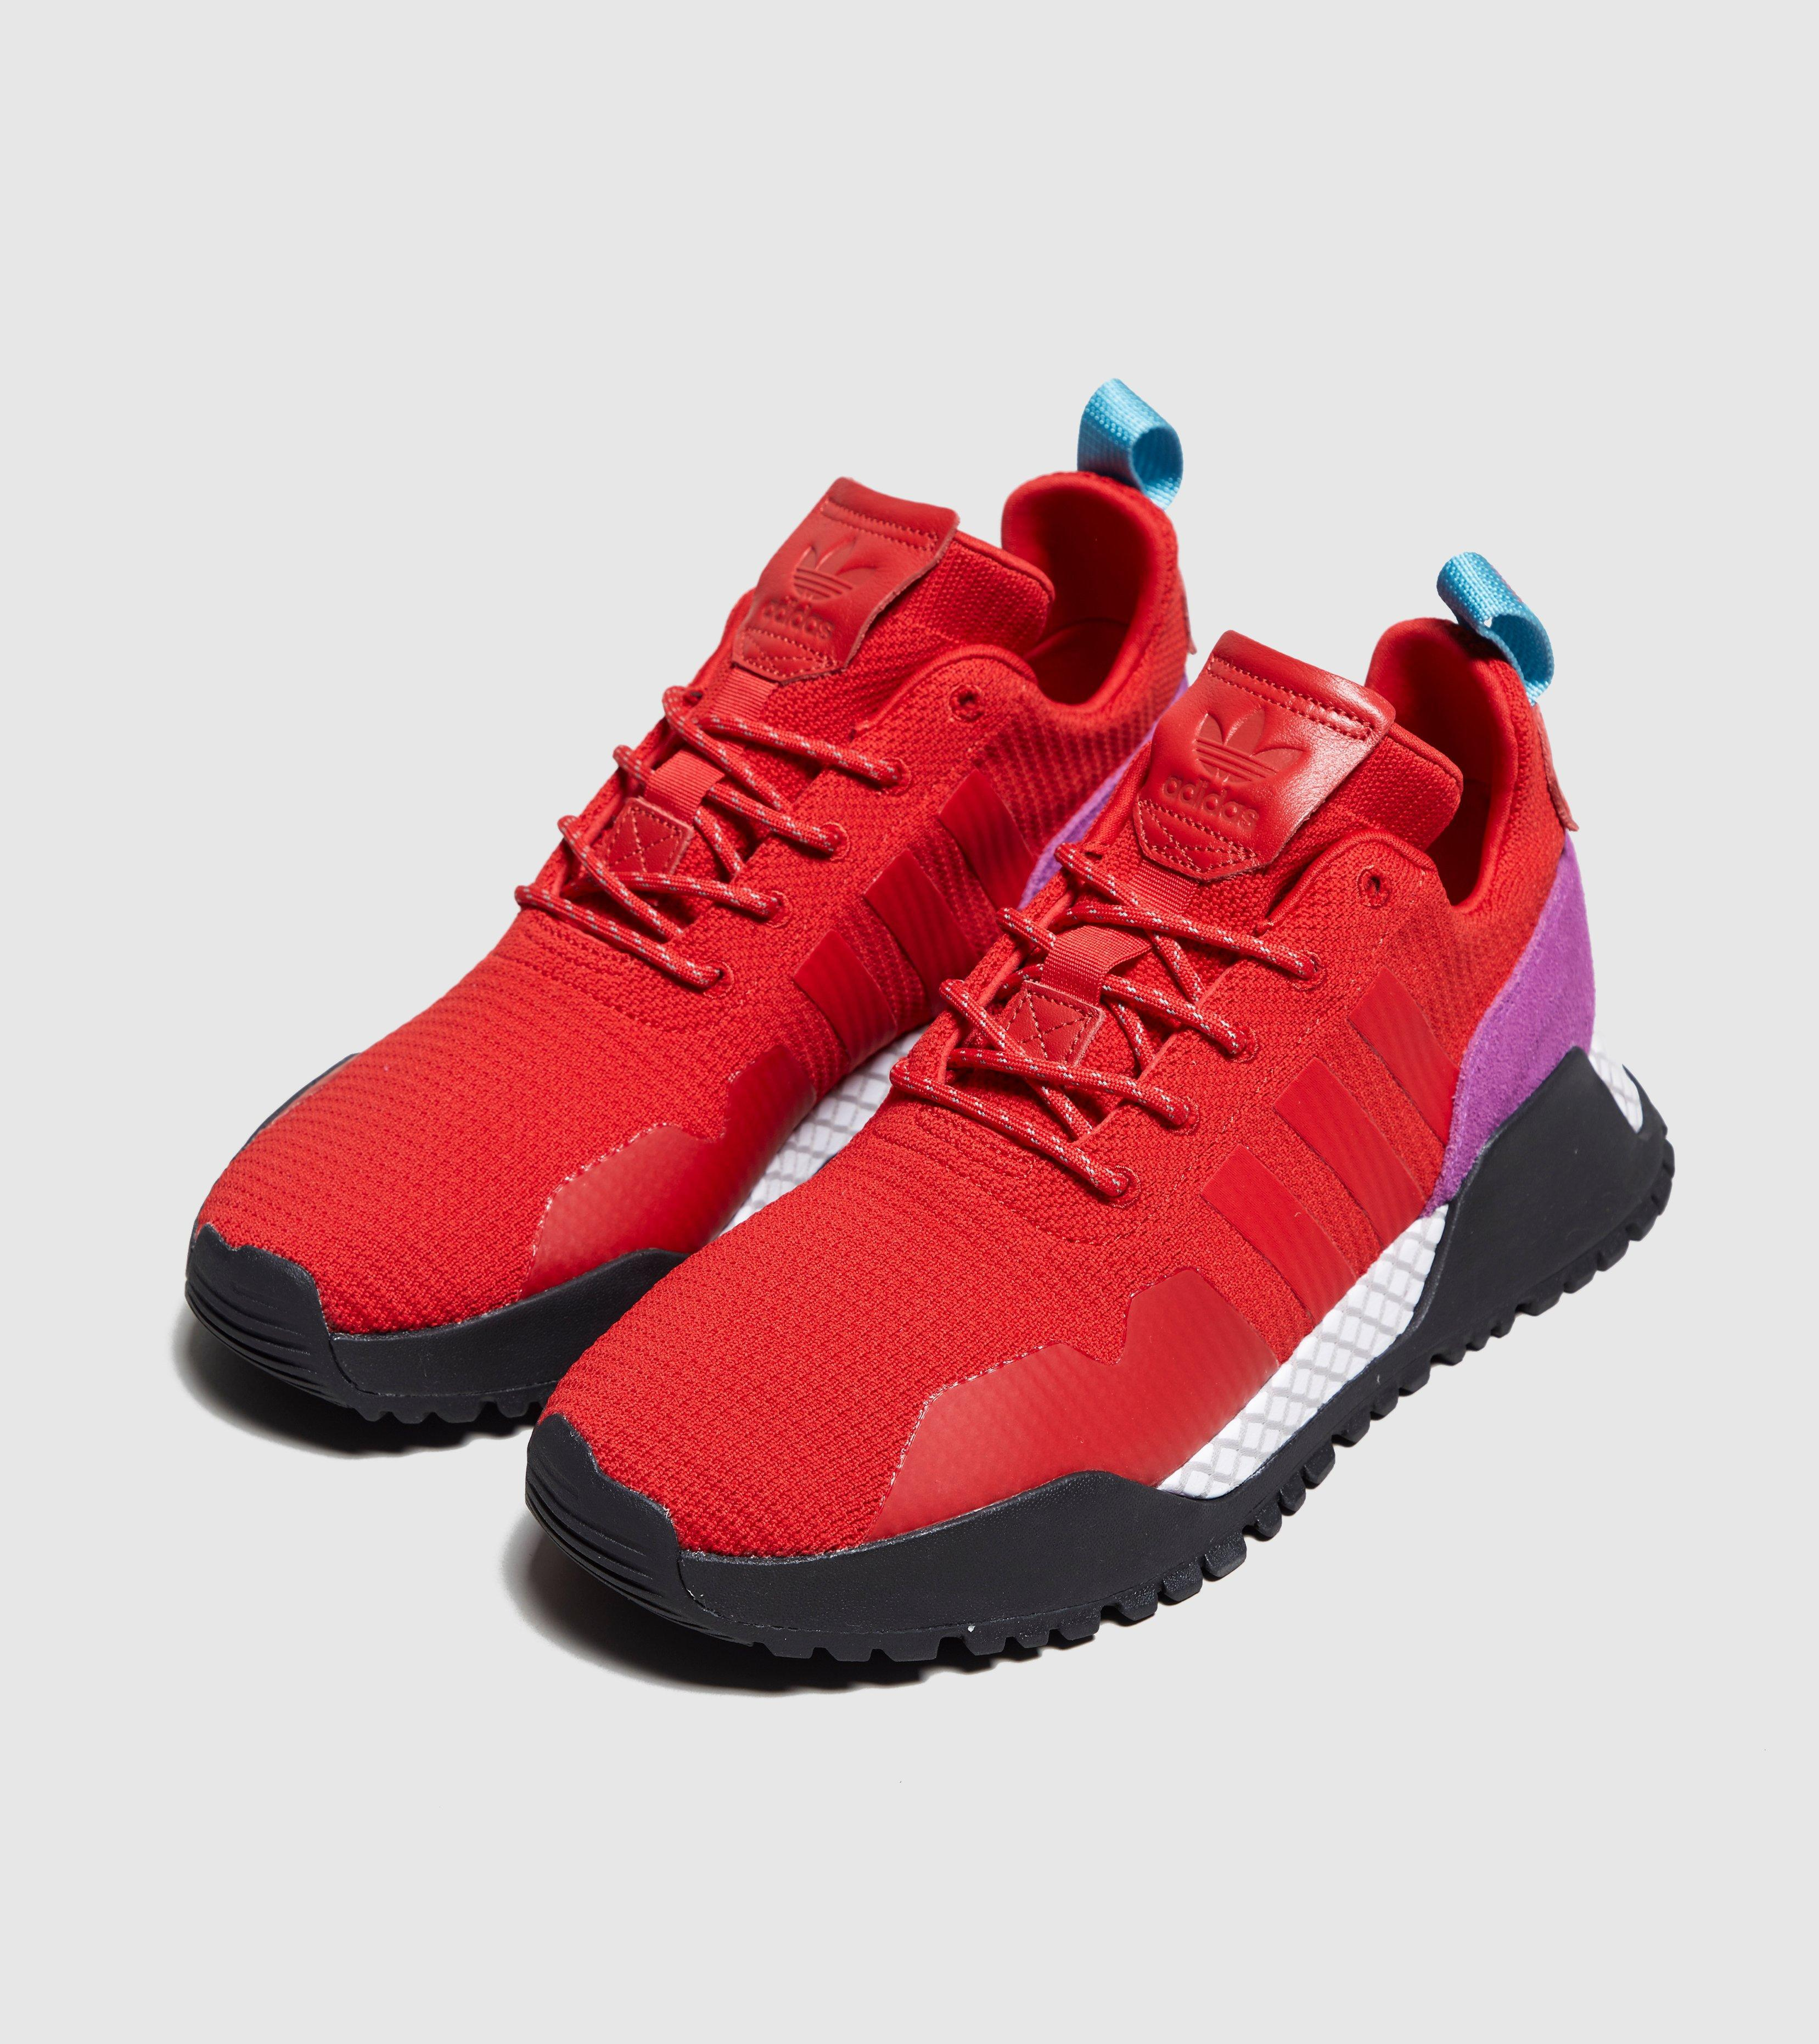 best website e0efc 0945e adidas originals af 1.4 pk winter 2 adidas originals. mens red a.f 1.3  primeknit boot